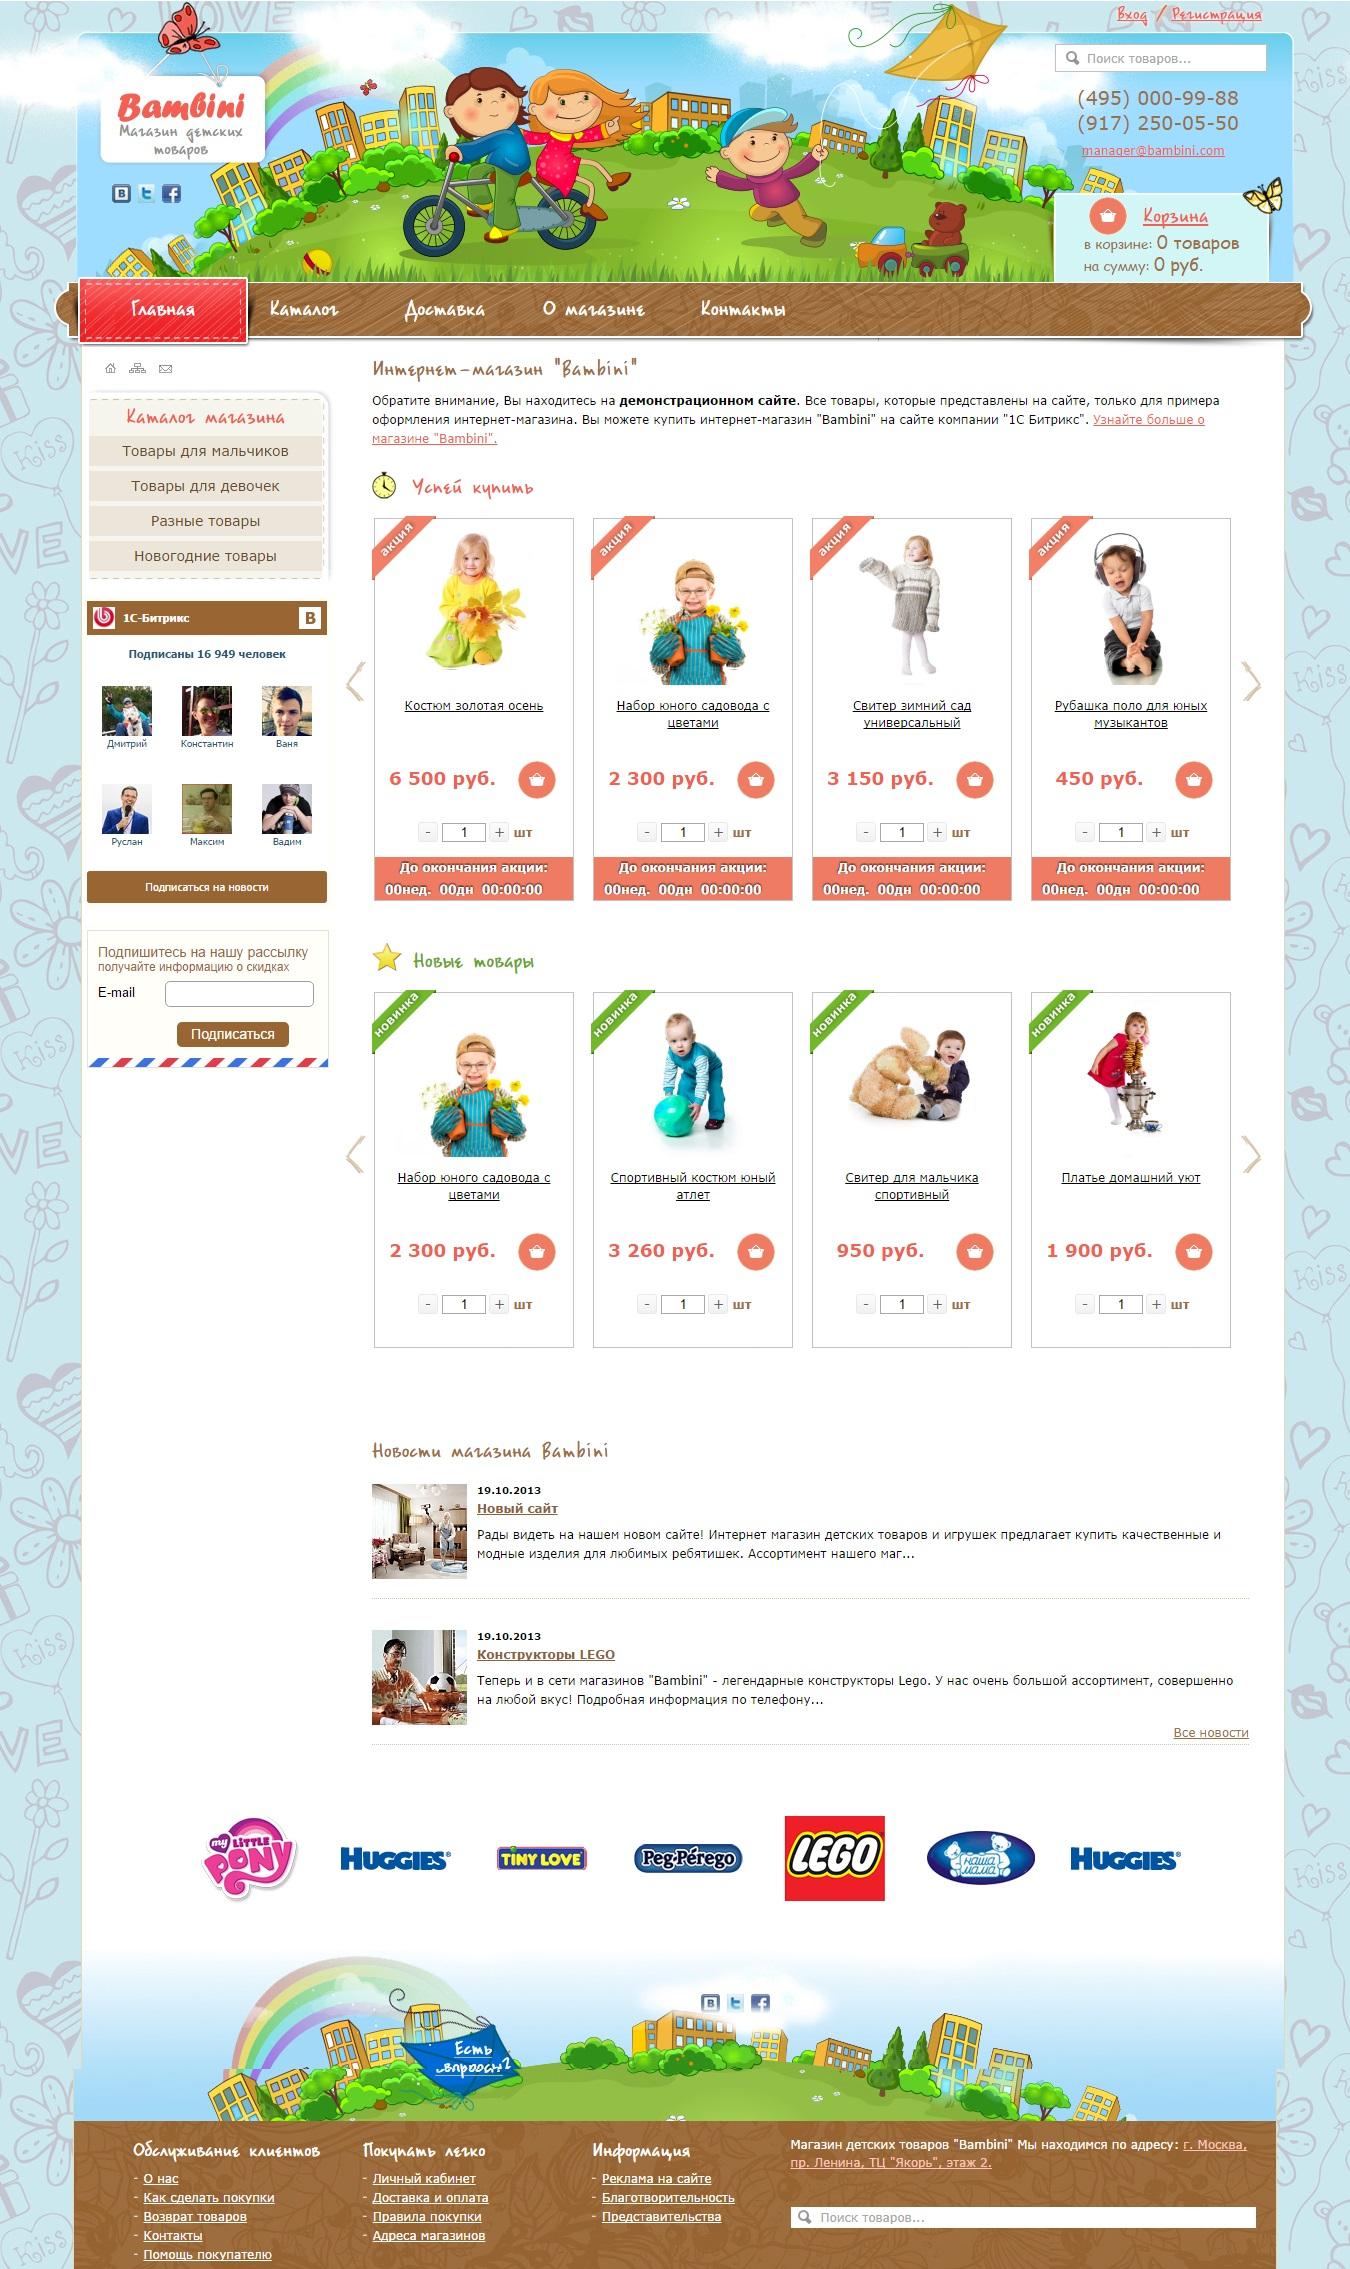 Готовый интернет-магазин детских товаров - 51900 руб.